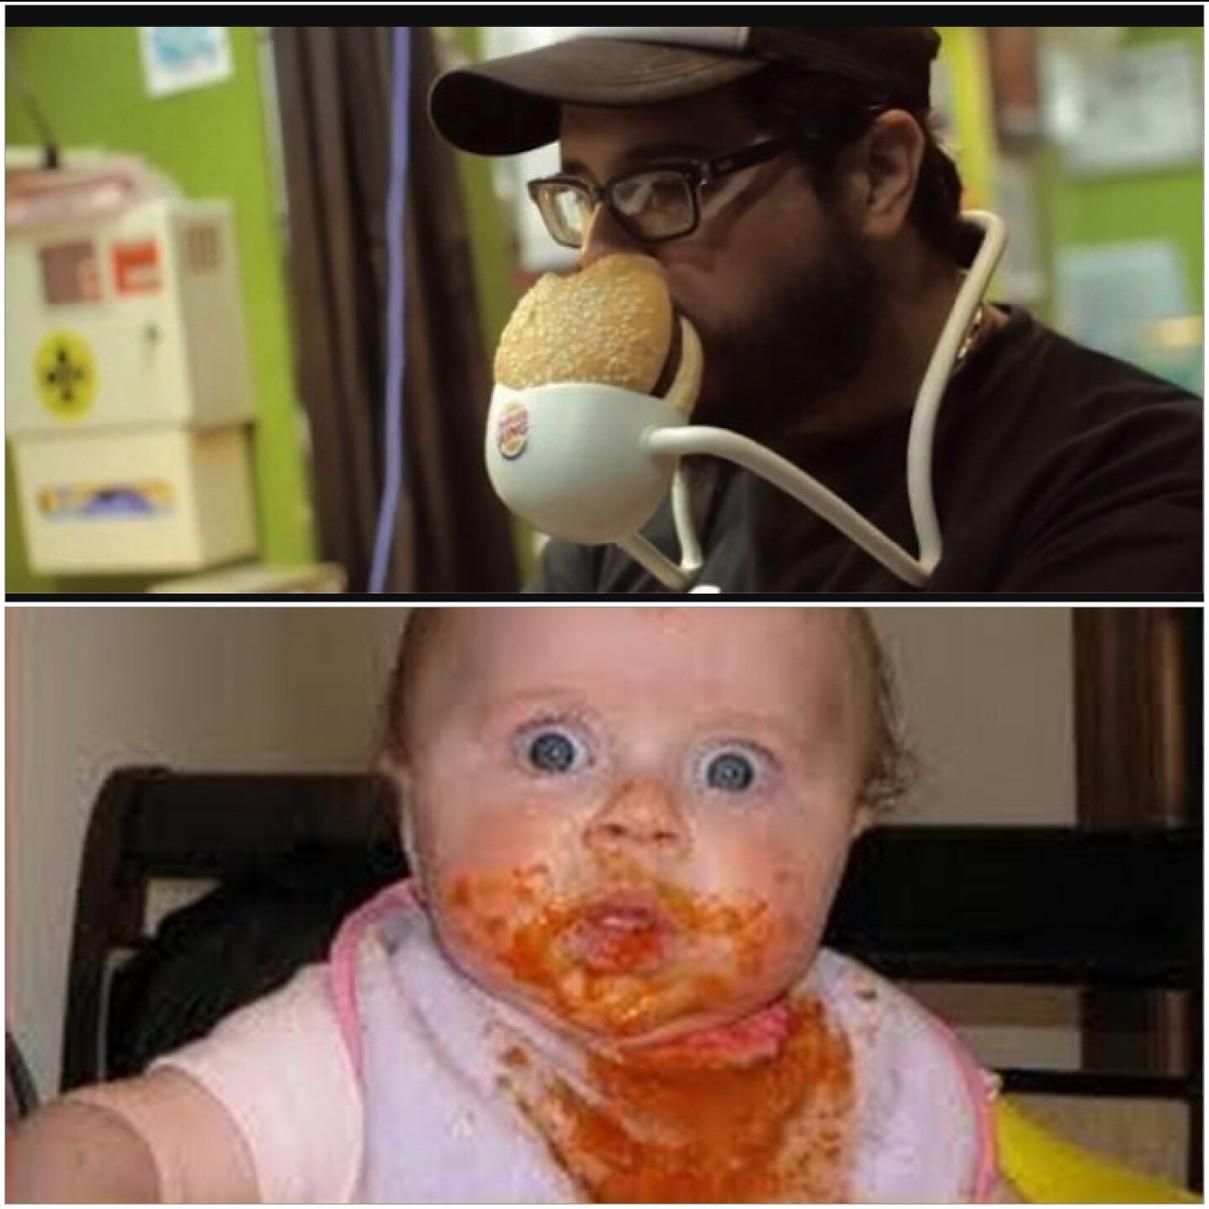 Impossible d'être propre en mangeant comme ça hahahaha - meme